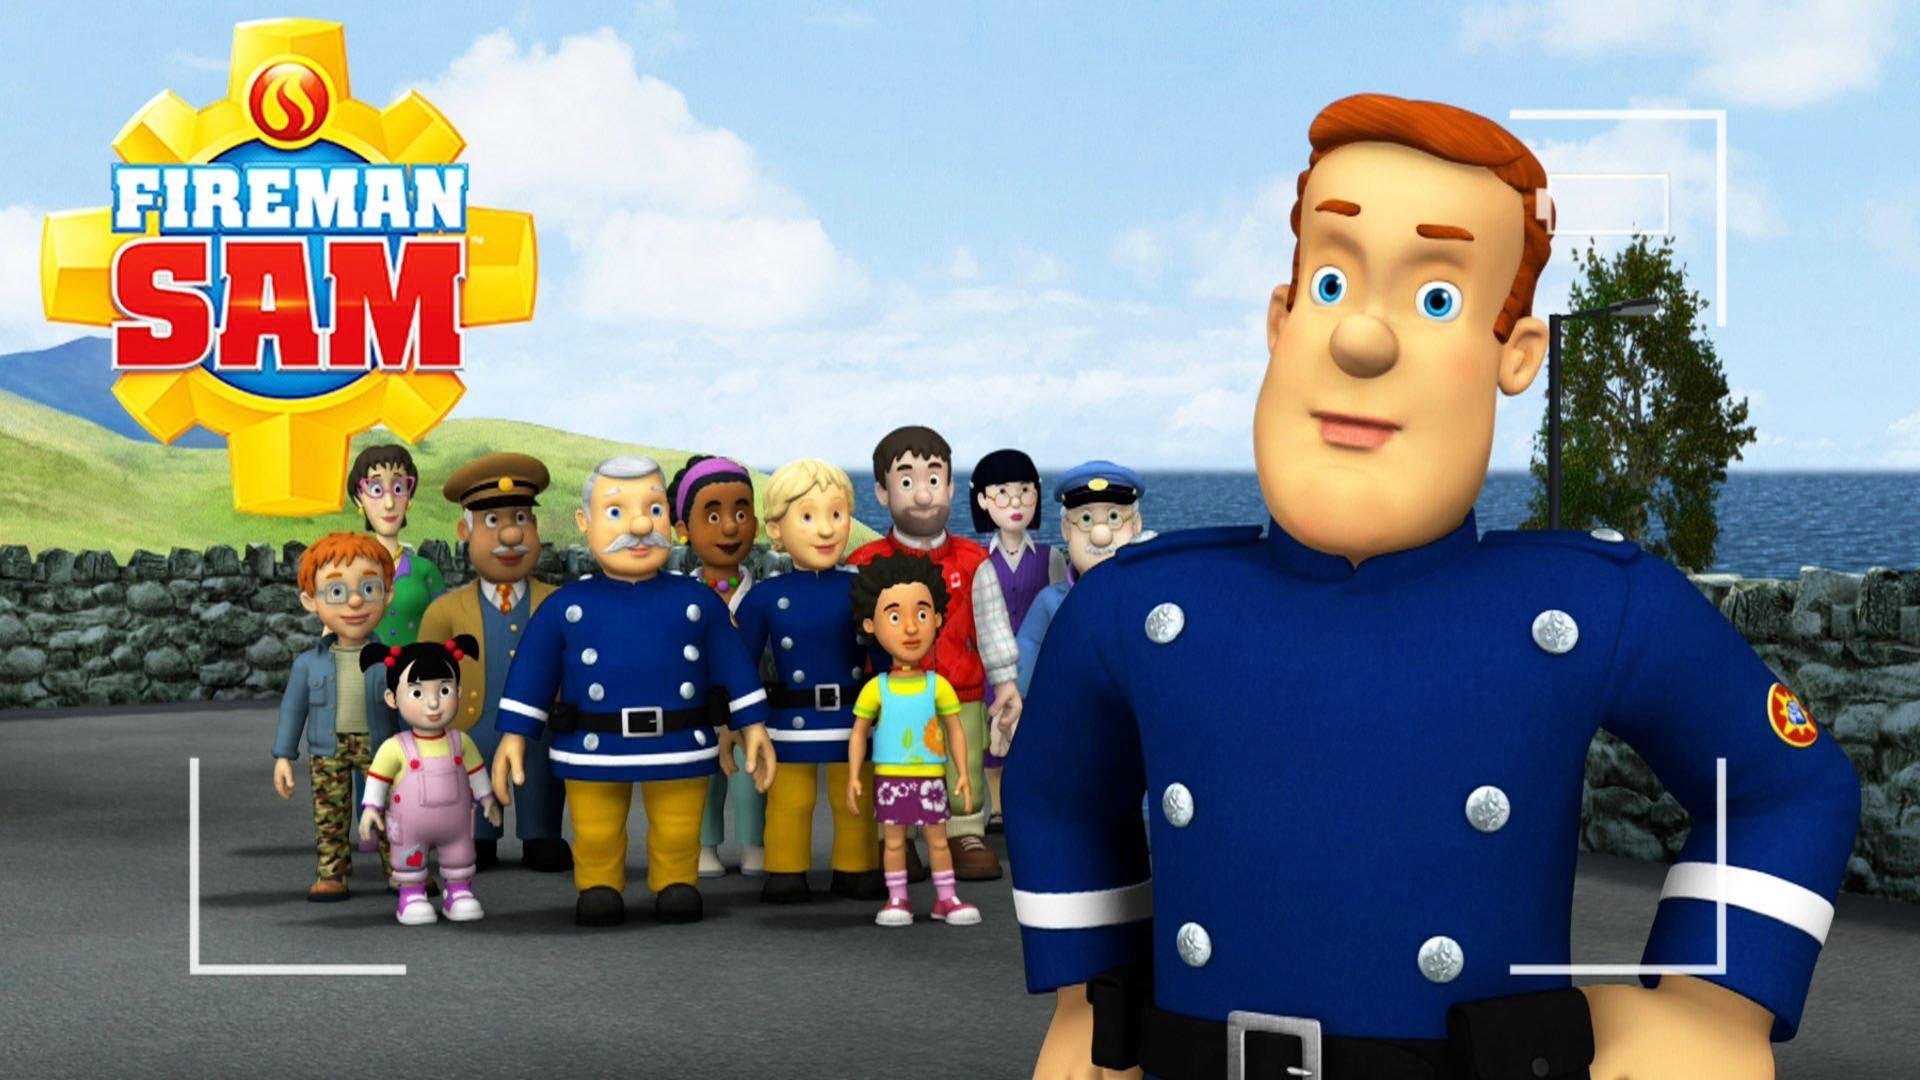 sam le pompier sam le pompier